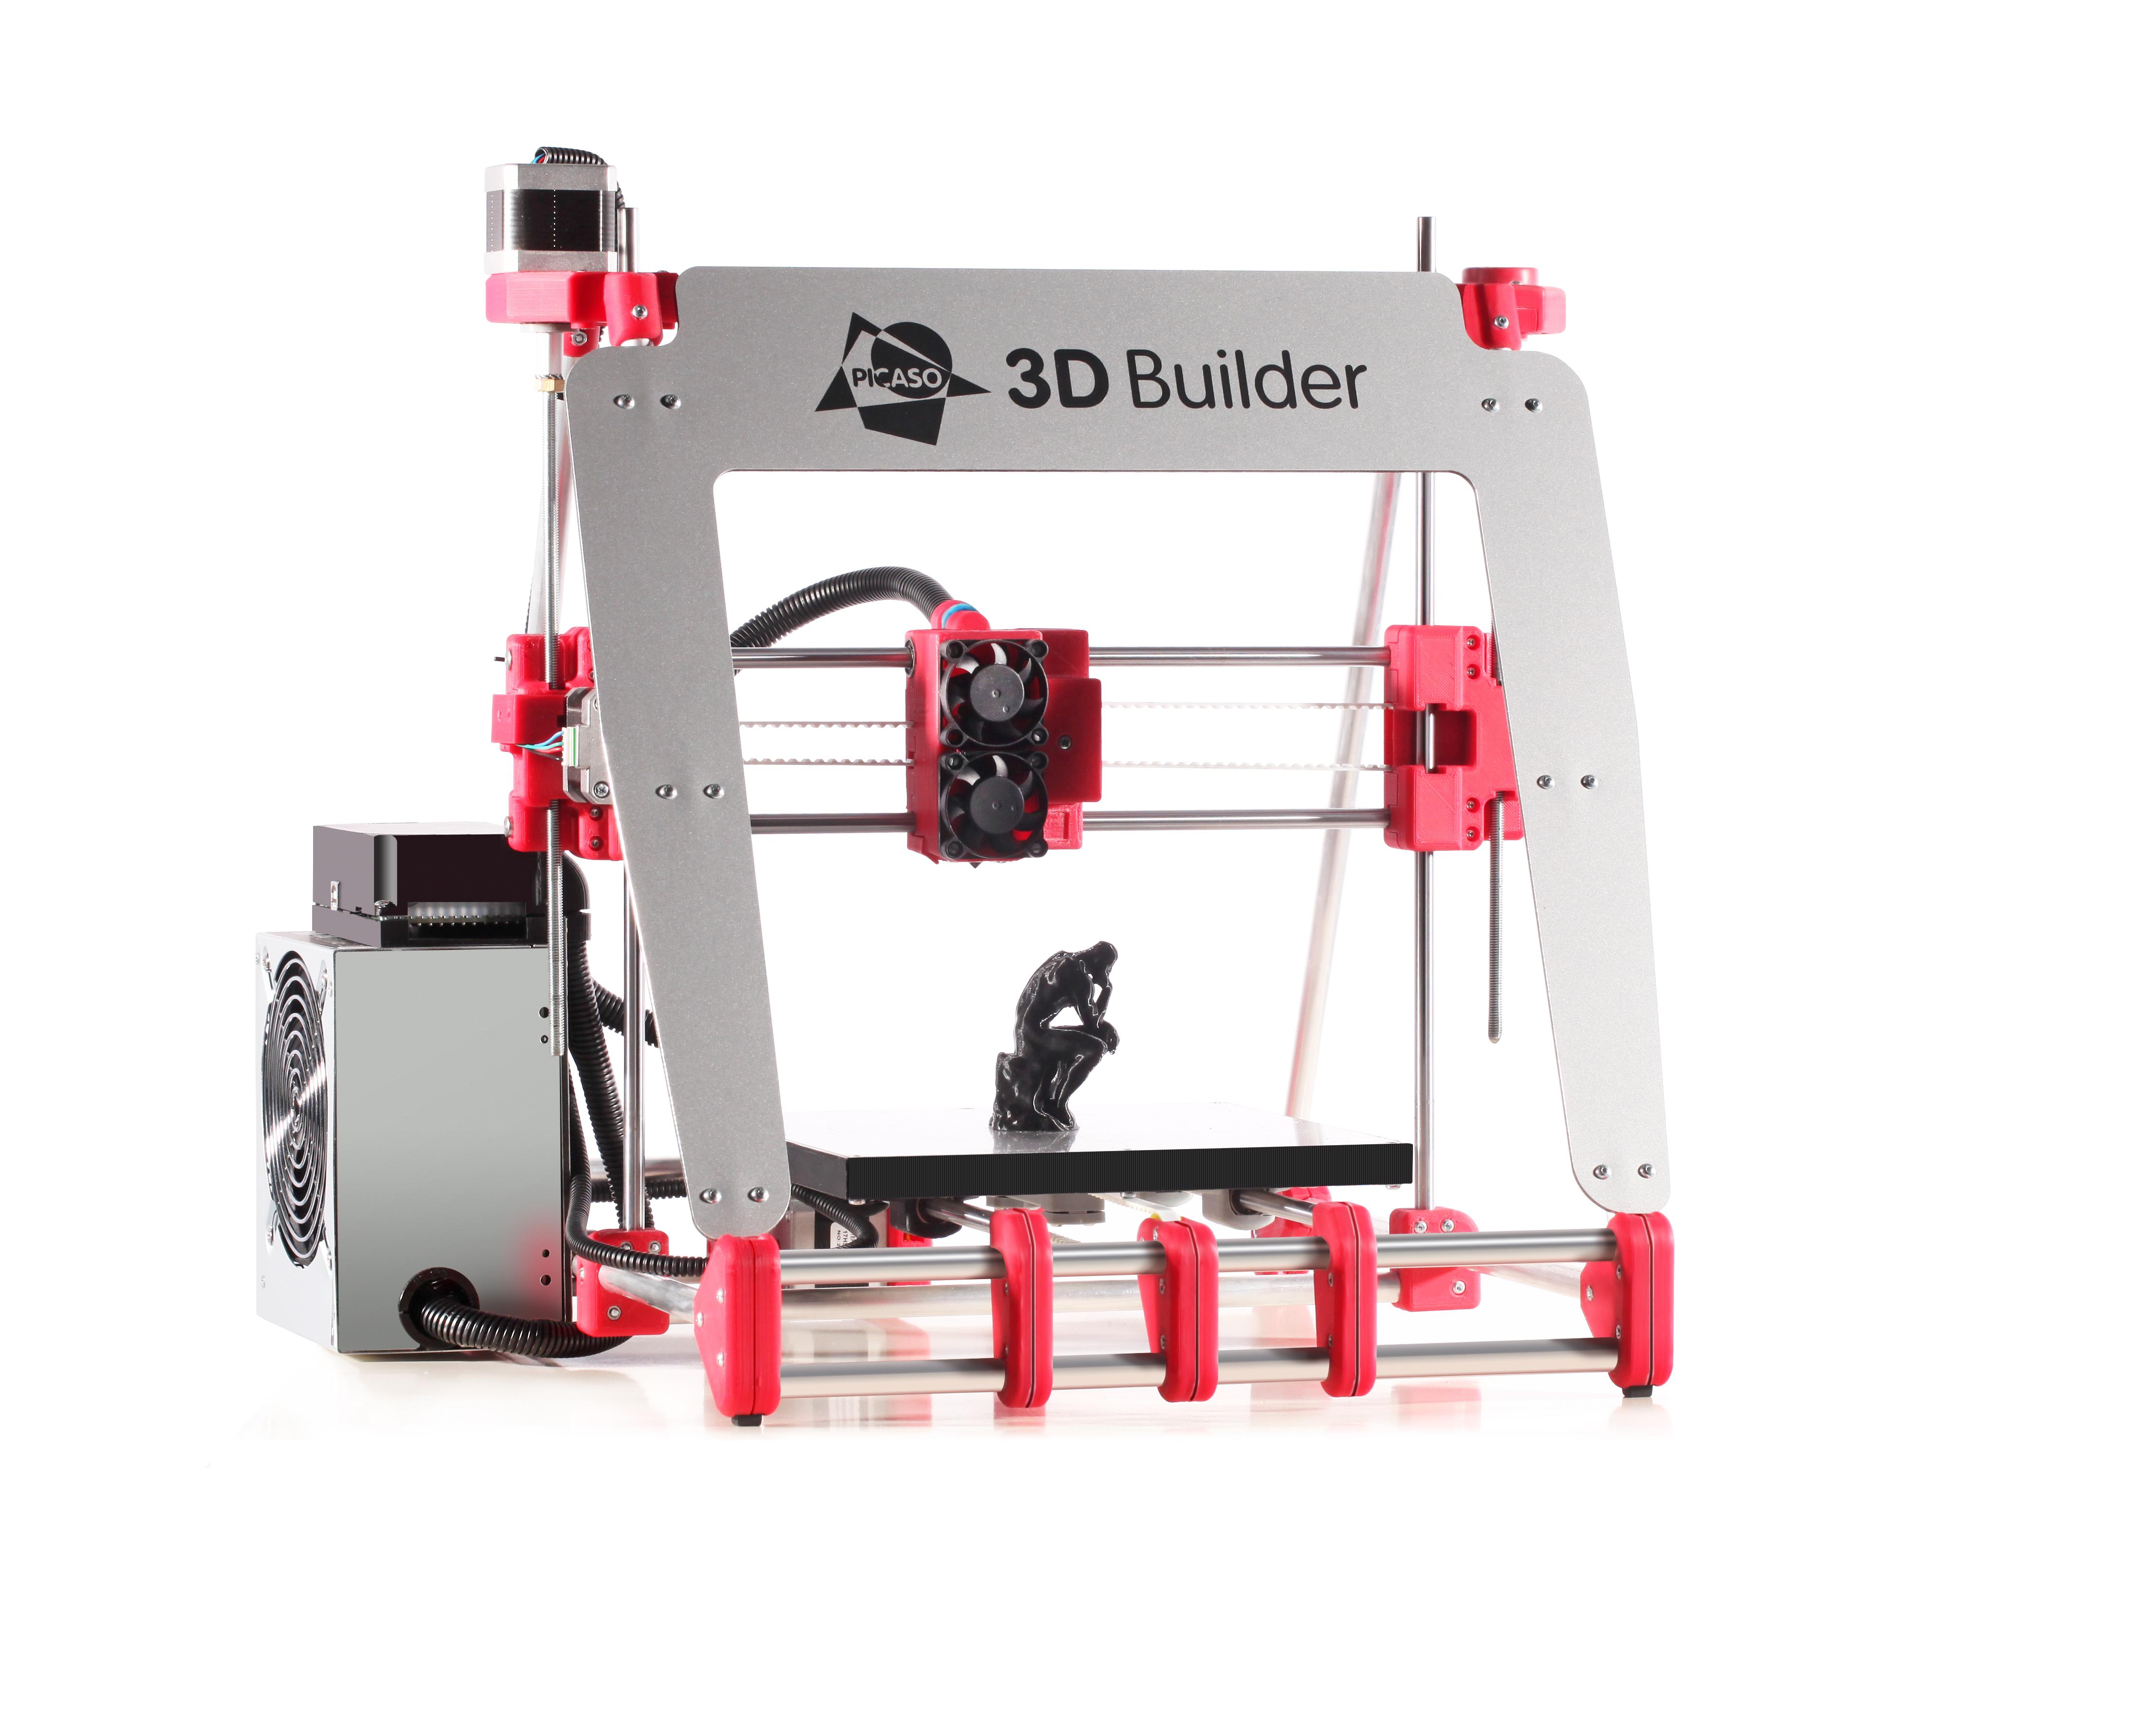 Picaso 3D Builder: принтер, неслучайно попавший на обложку журнала, который ты держишь в руках, — его делают в России, в Зеленограде. Стоимость — 80 тысяч рублей. На нем мы будем печатать логотип журнала в следующей статье.